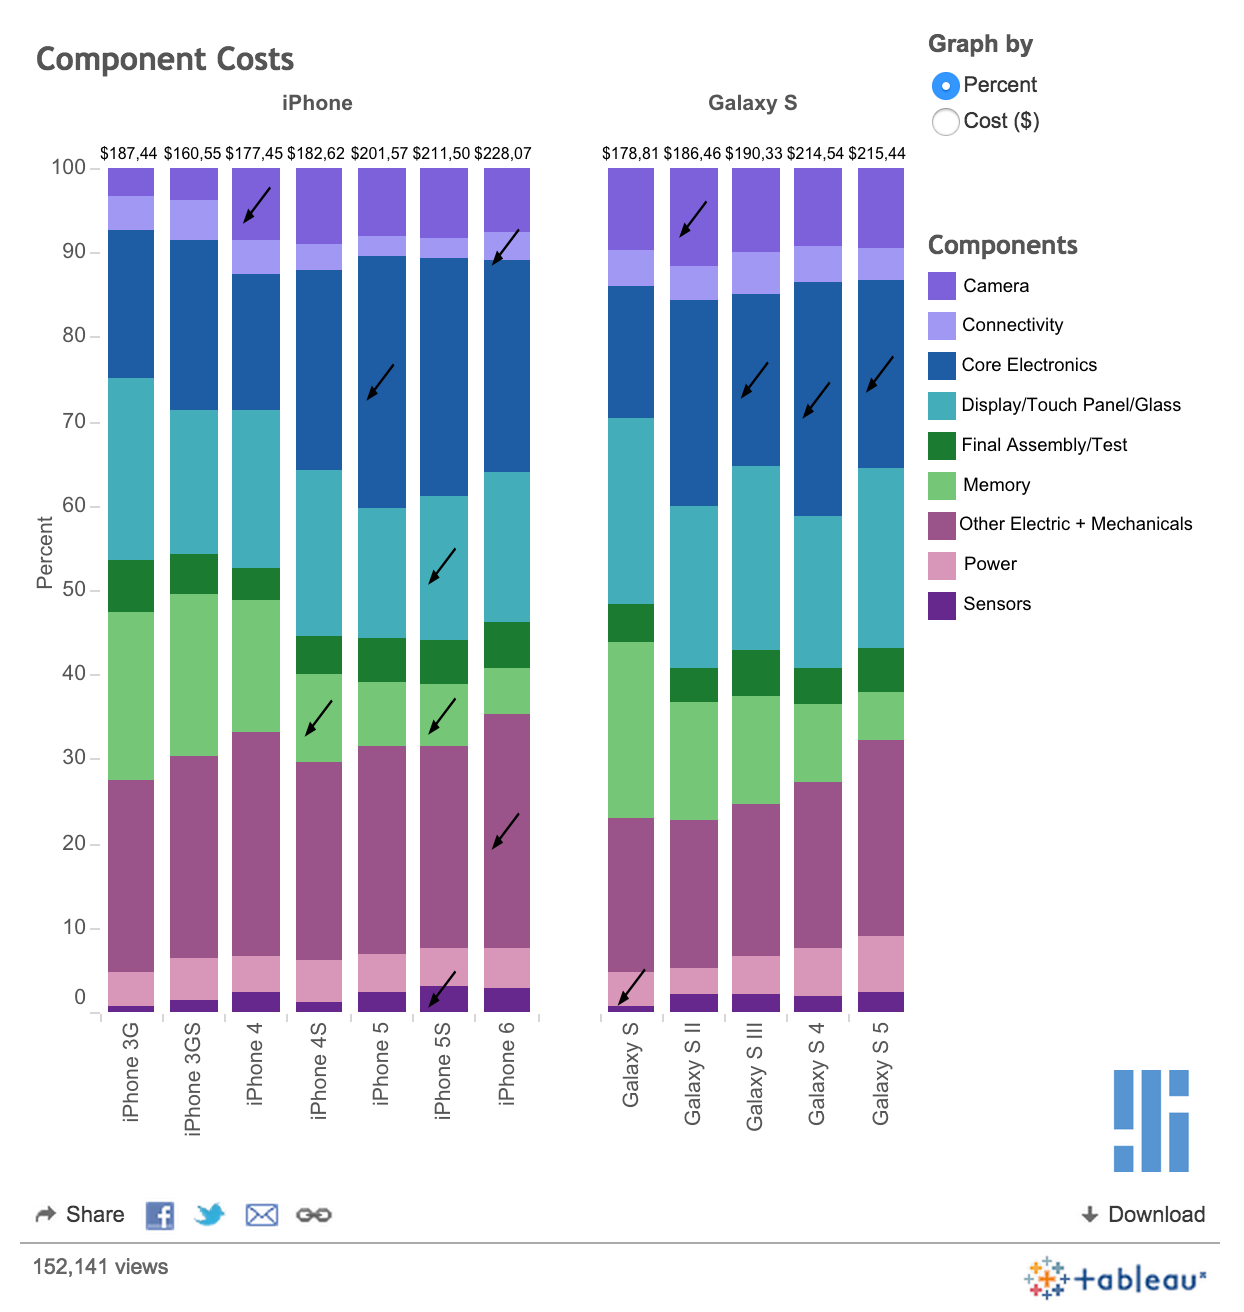 Quanto costa la produzione di iPhone e Galaxy S ad Apple e Samsung?